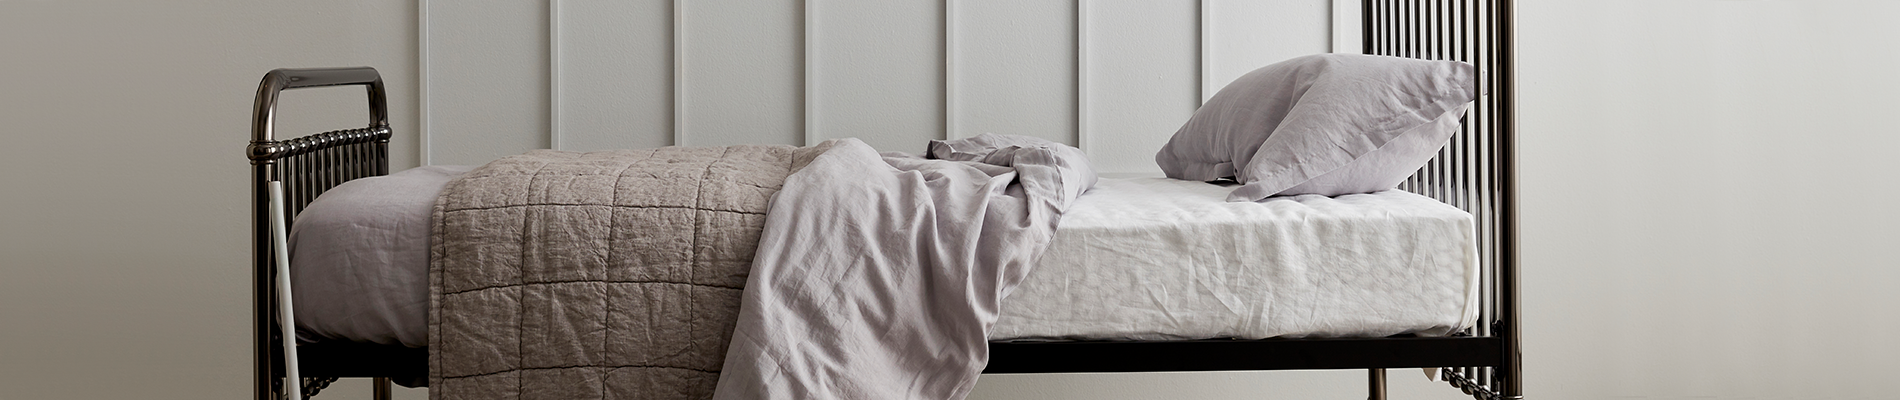 mattressbanner2.png